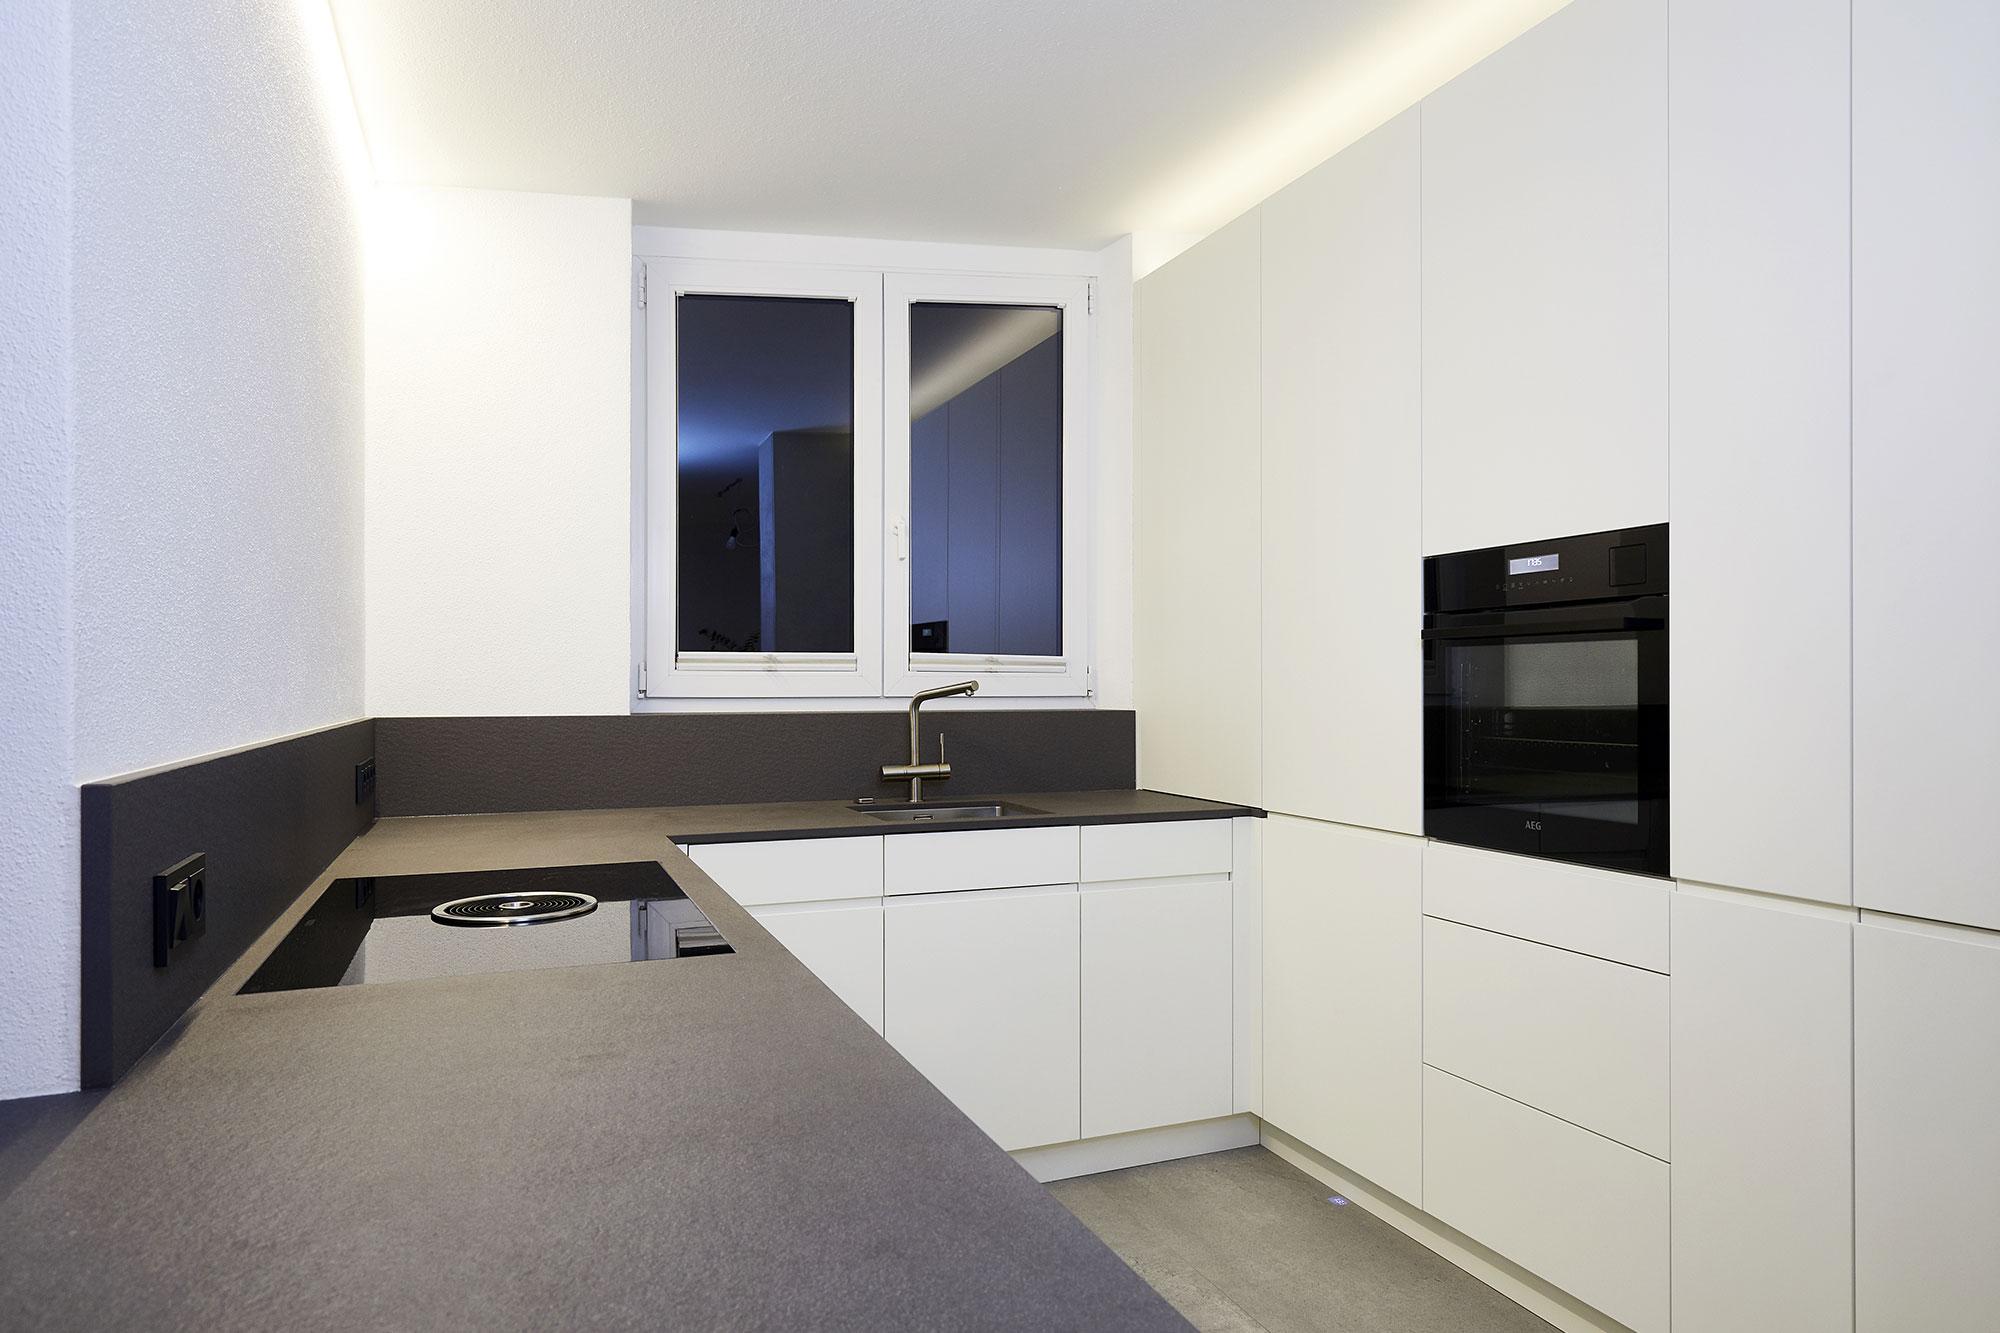 Tischlerei Stöckl Ebbs Inneneinrichtung Küche Wohnküche matt weiß Quooker